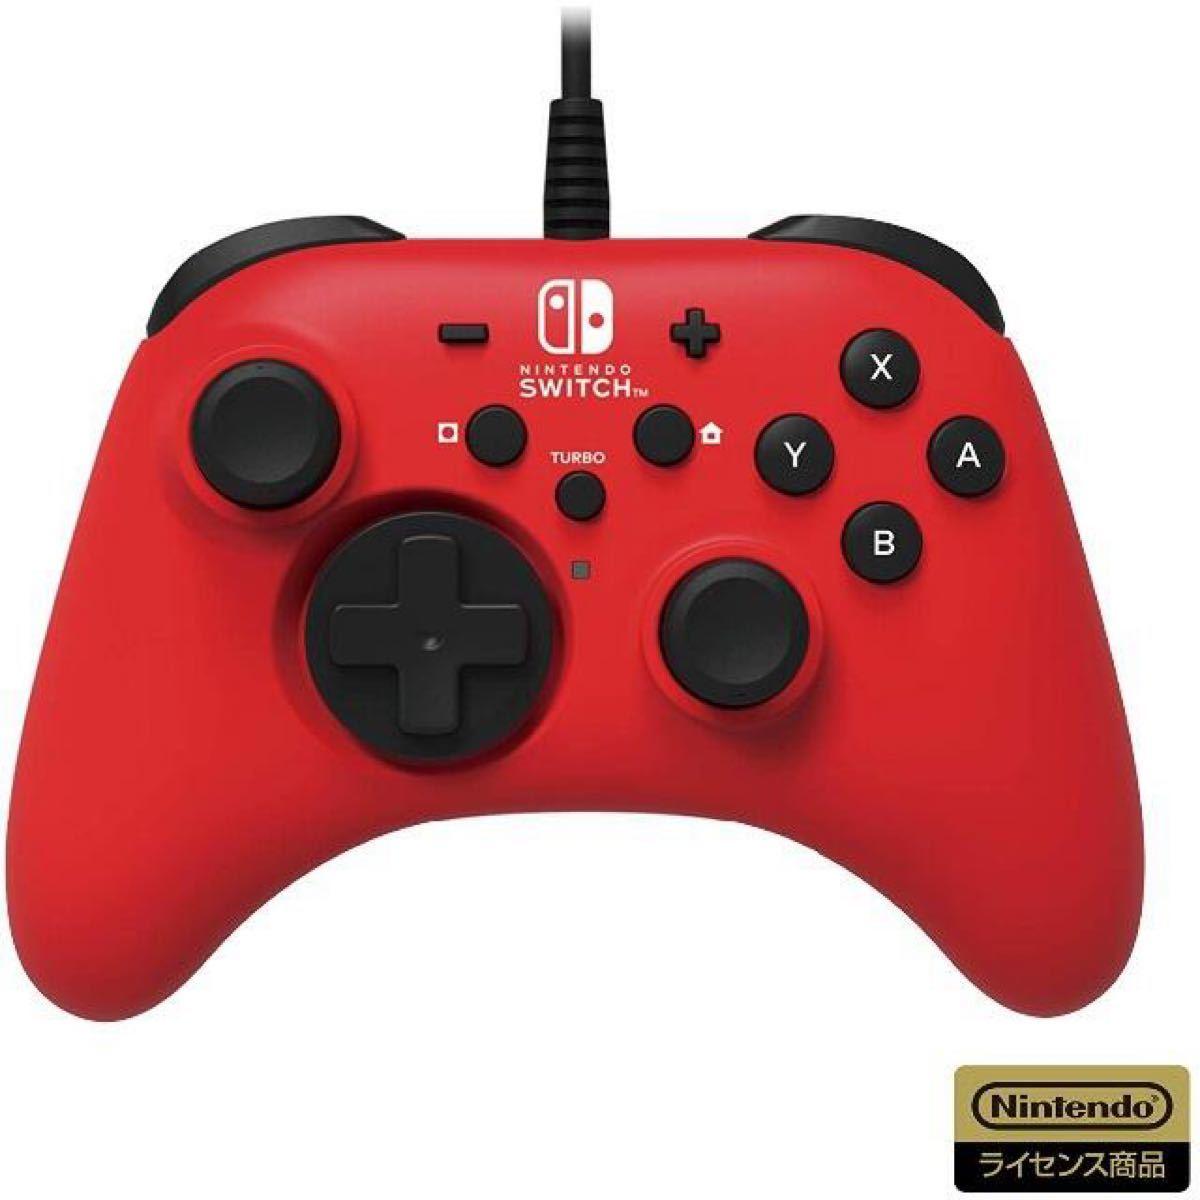 【任天堂ライセンス商品】ホリパッド for Nintendo Switch ブルー【Nintendo Switch対応】